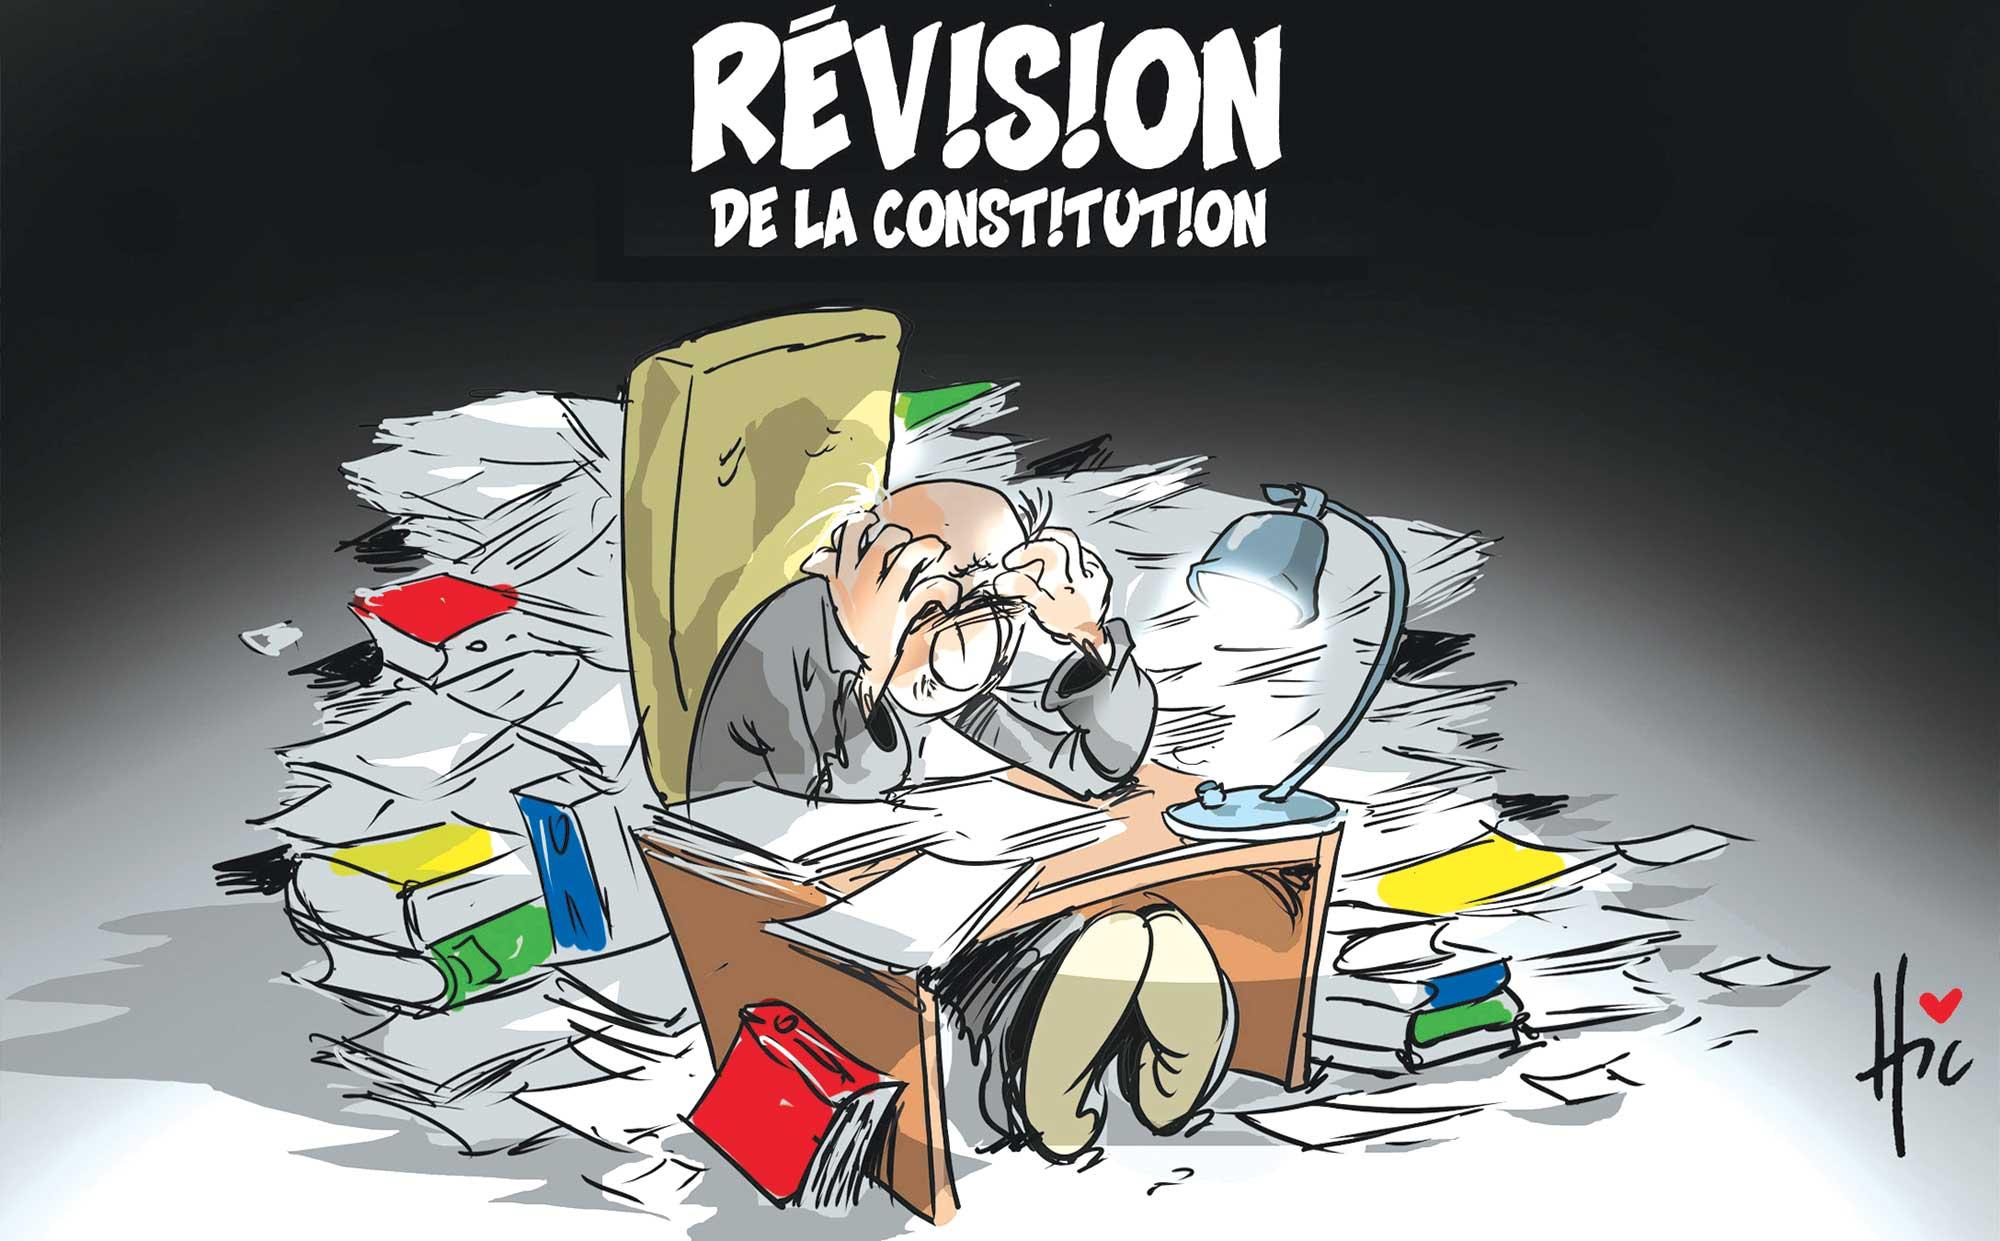 Révision de la constitution algérienne - Le Hic - El Watan - Gagdz.com